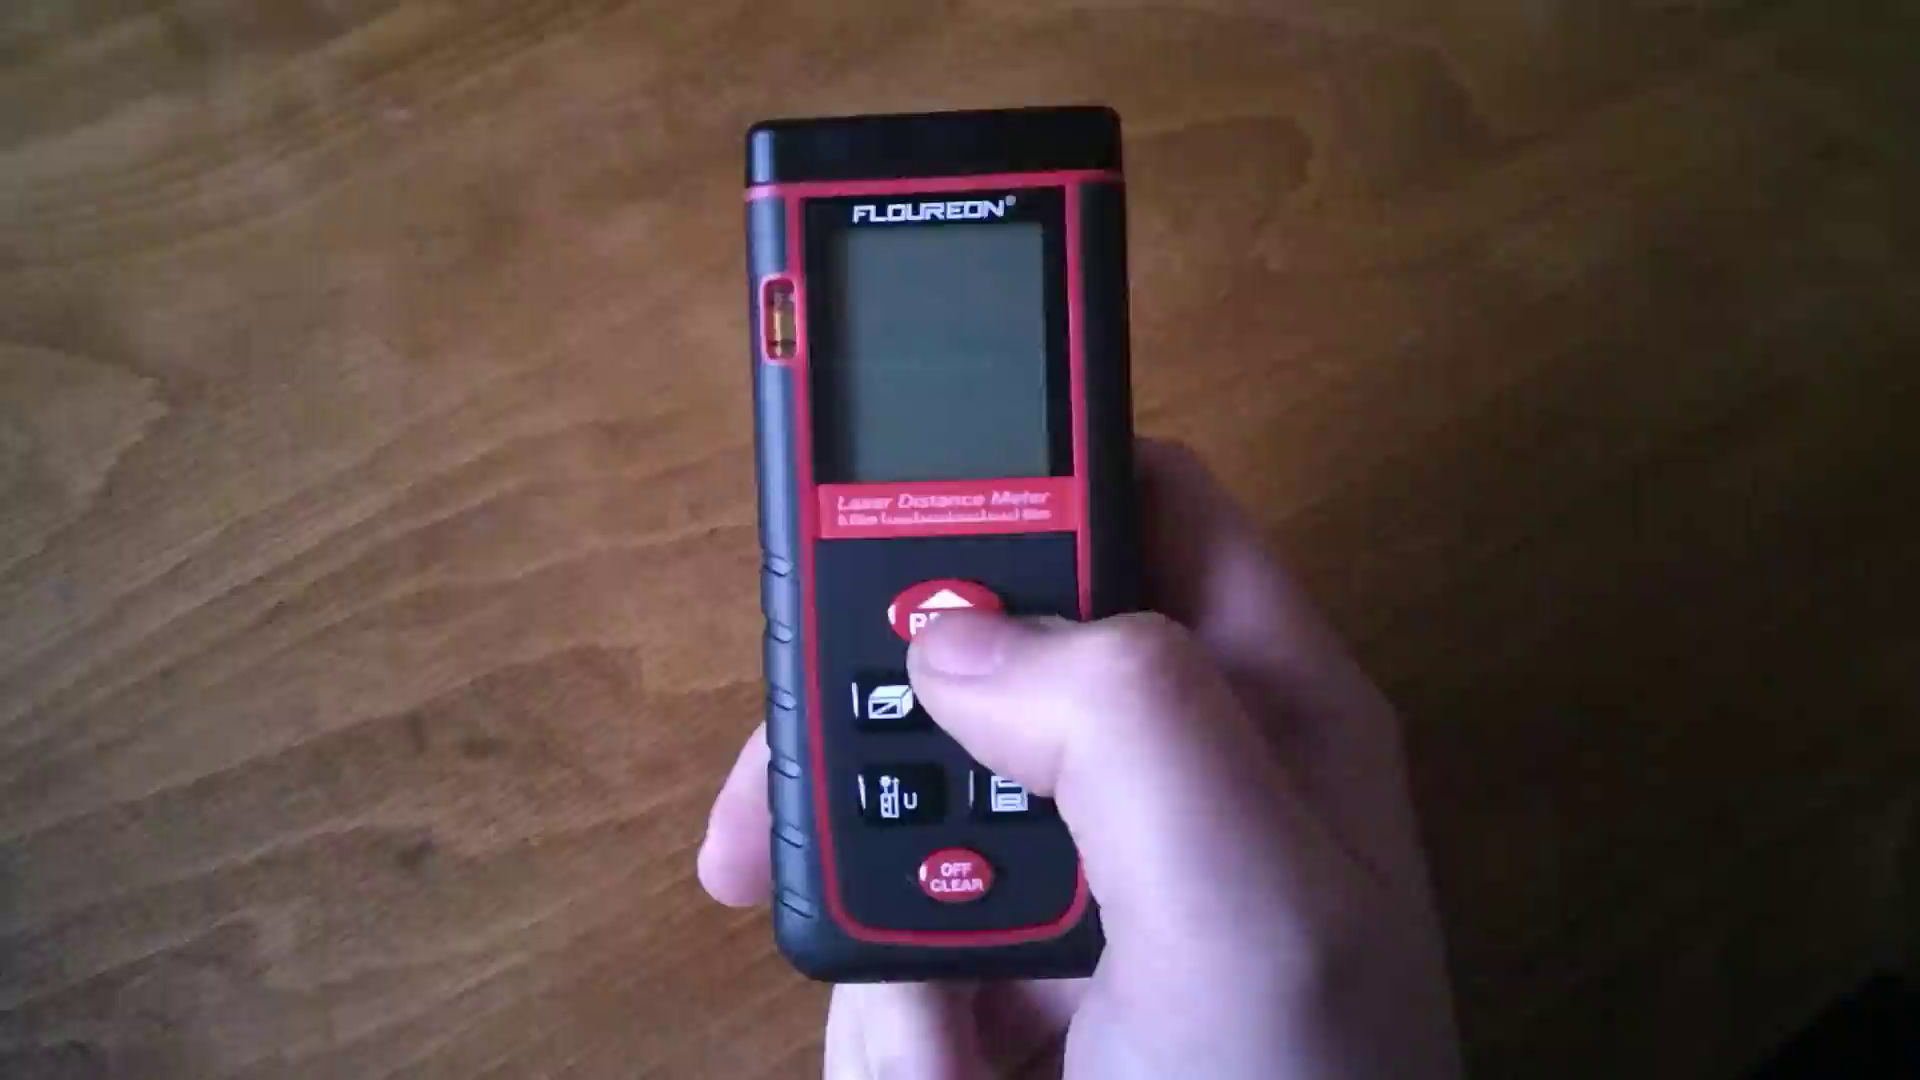 Tacklife Entfernungsmesser Rätsel : Amazon kundenrezensionen floureon laser entfernungsmesser